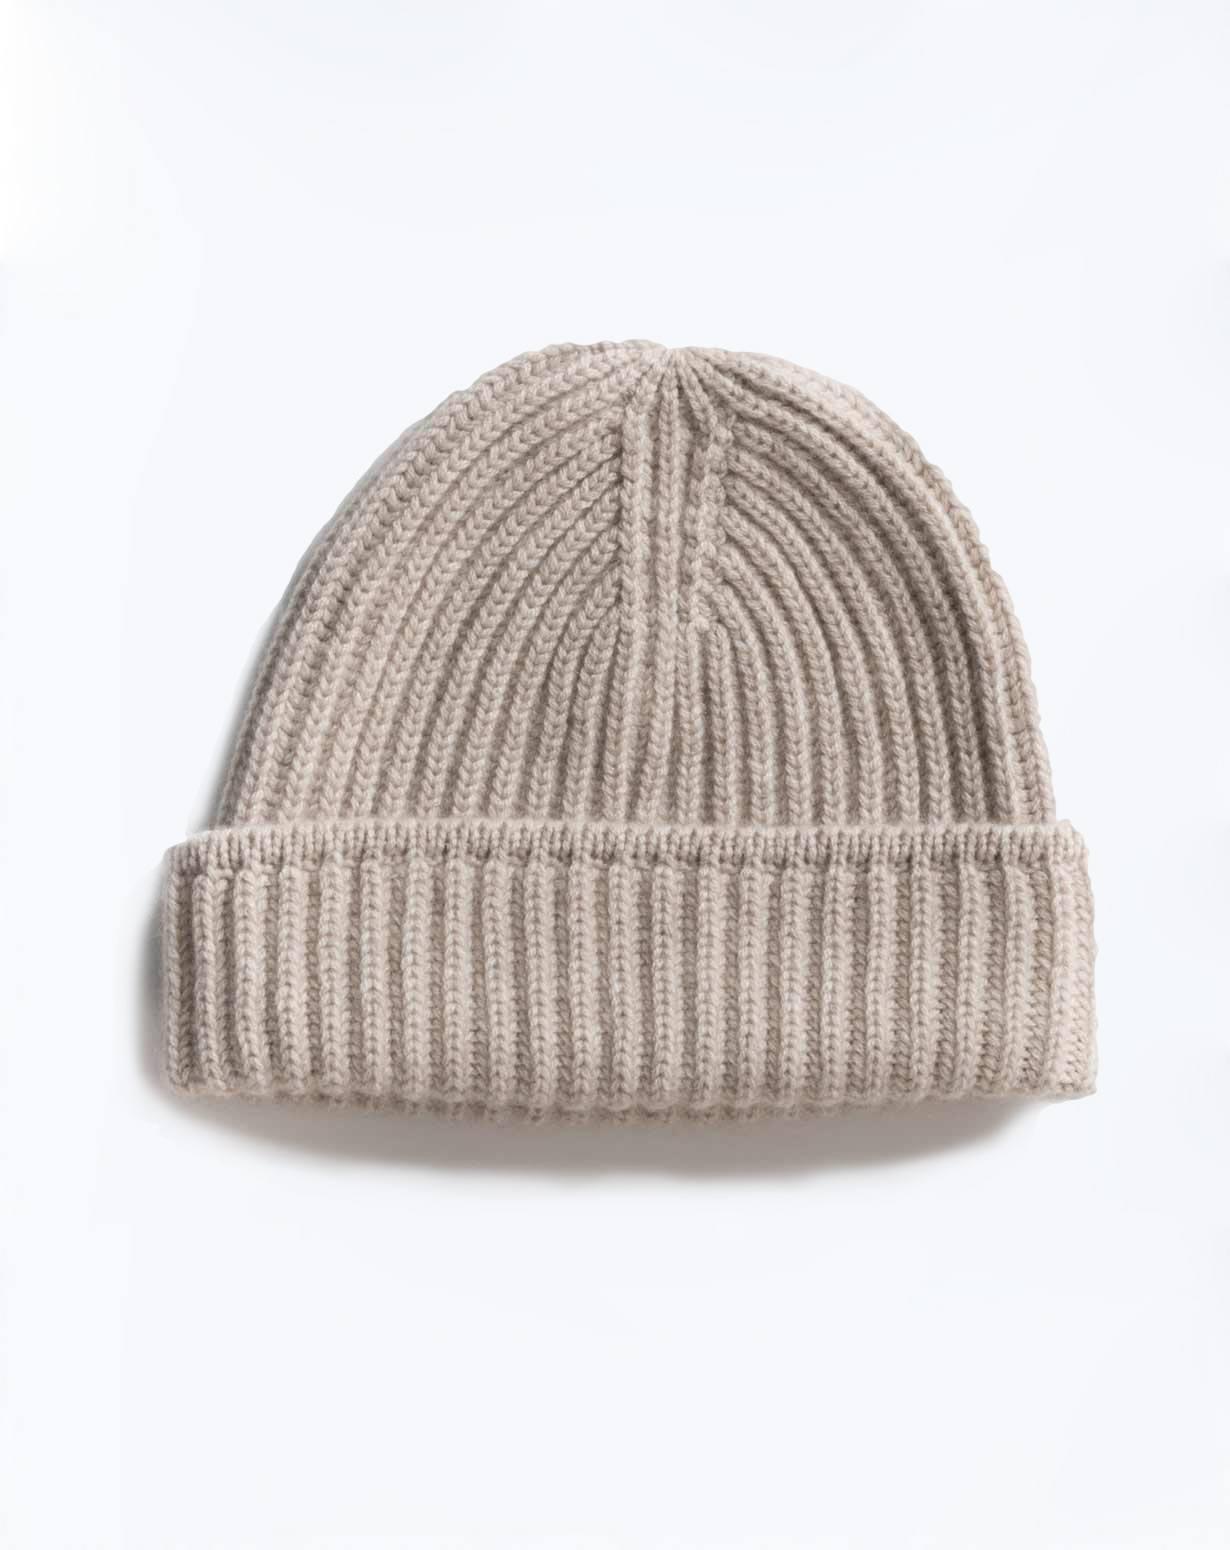 Pure Cashmere Fisherman's Rib Hat e4a81976f14